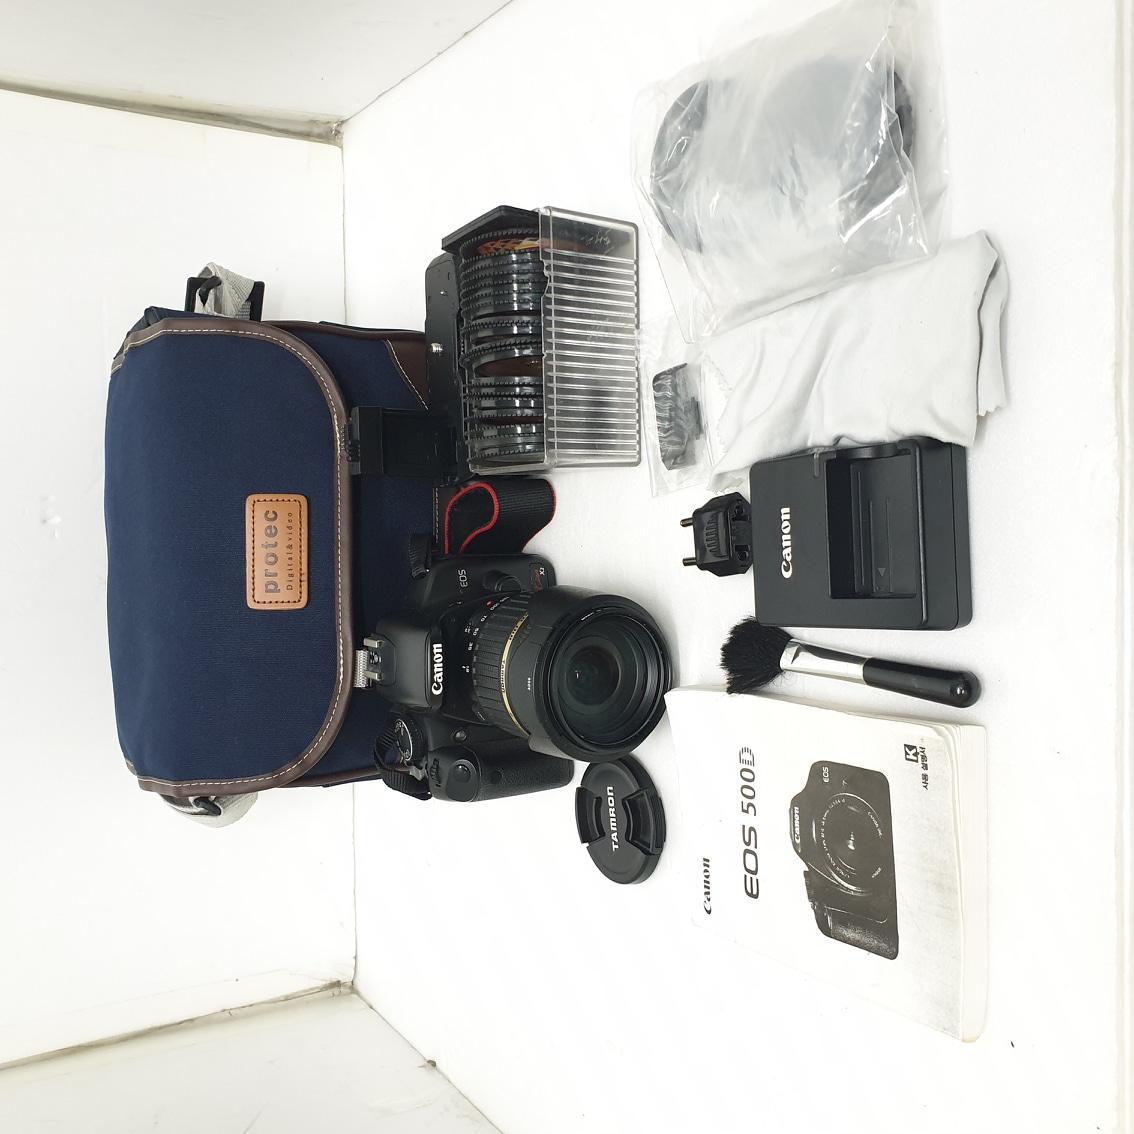 캐논 DSLR EOS 500D+탐론 렌즈 18-200mm 등등